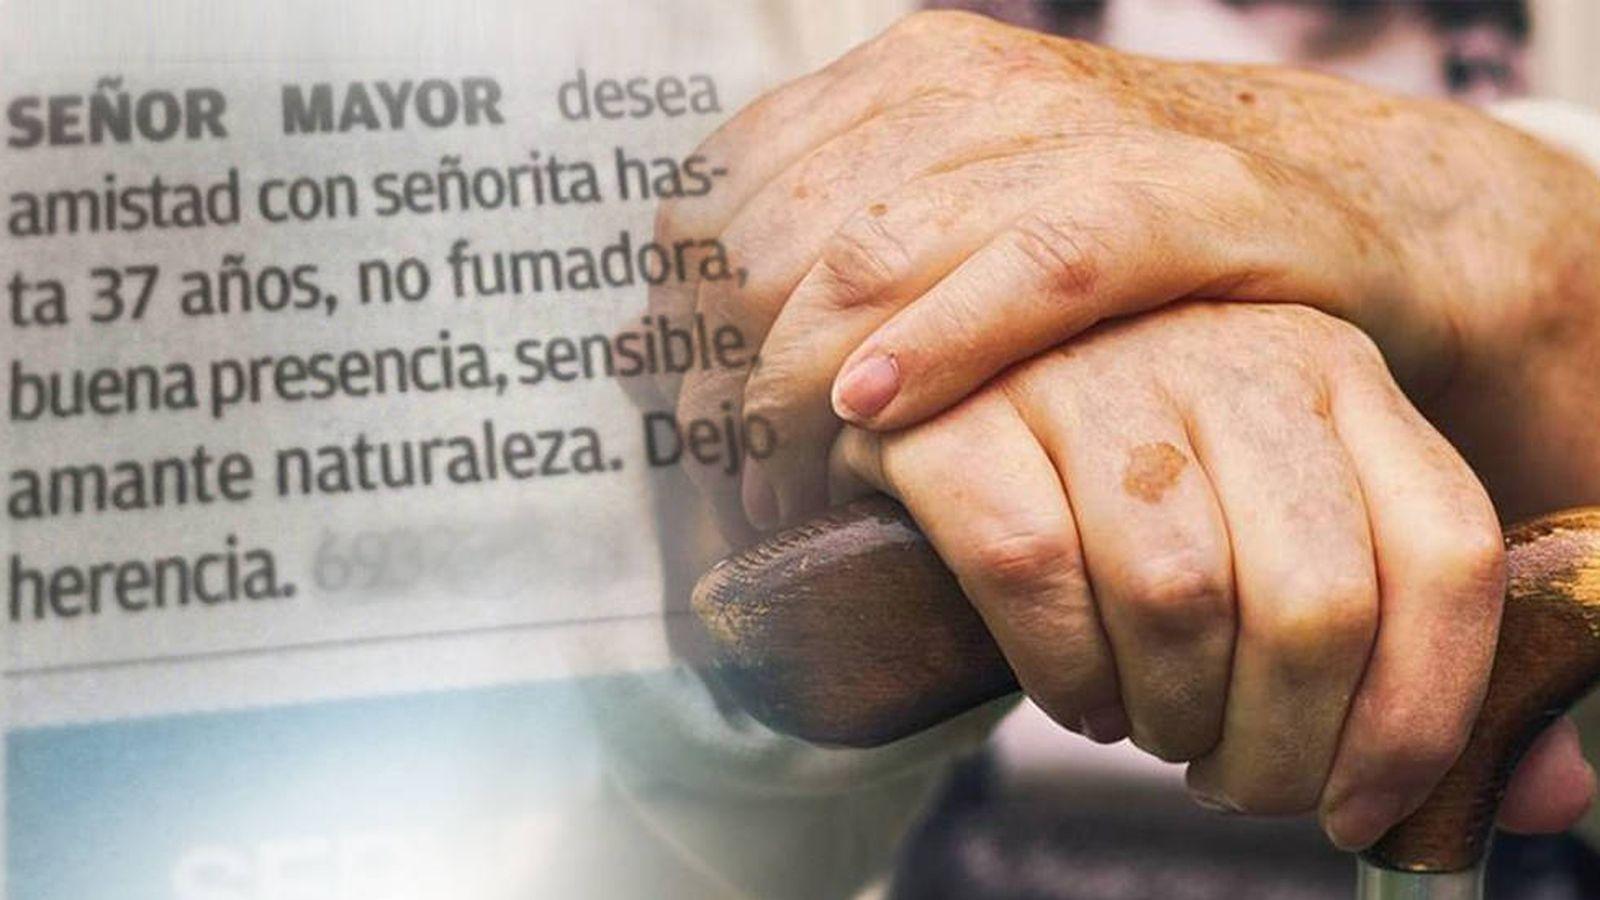 Conocer Gente Soltera - 202228